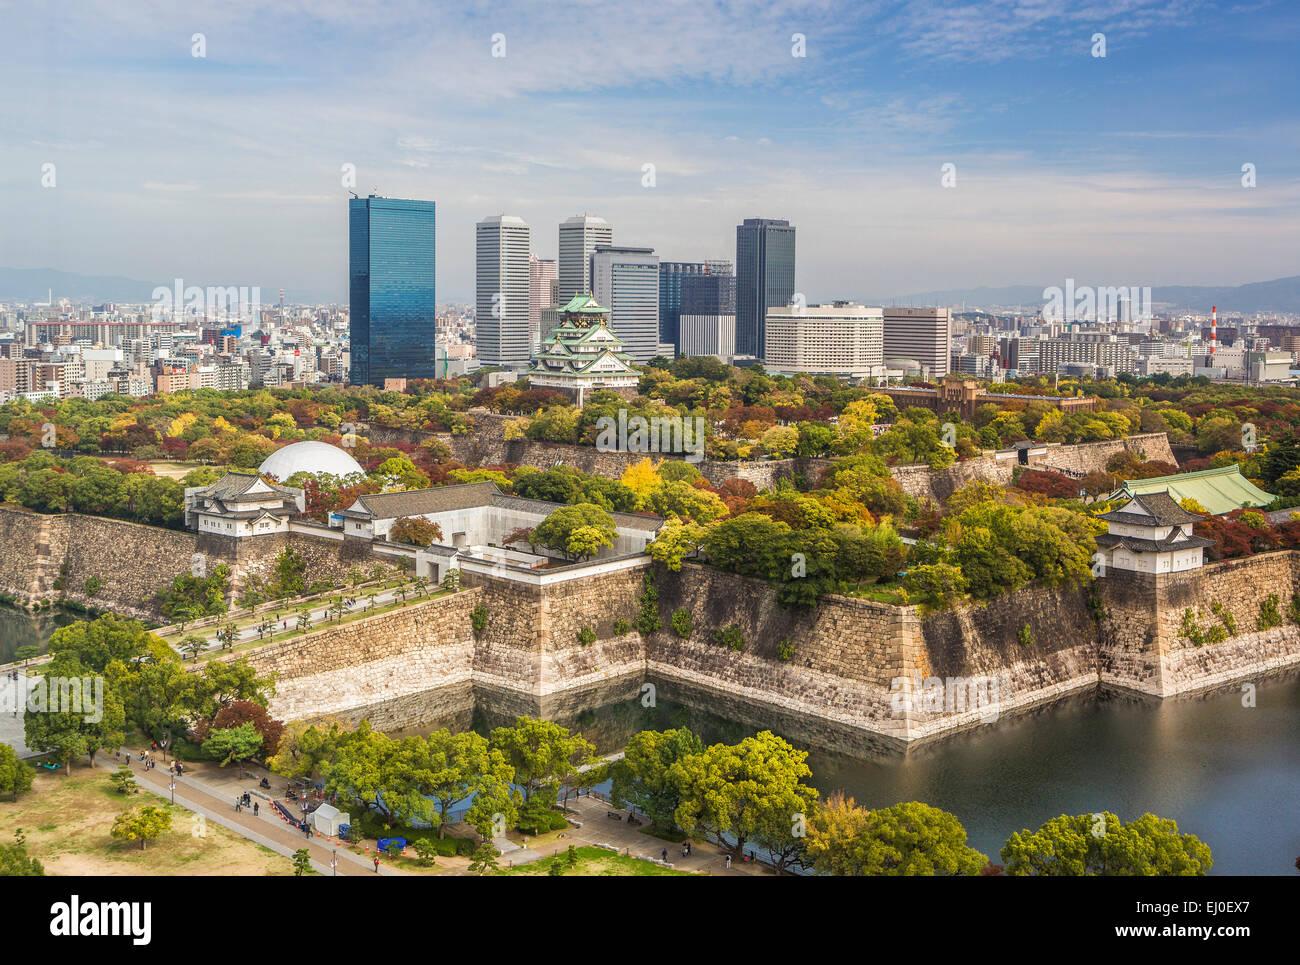 Japan, Asien, Kansai, Landschaft, Osaka, Burg, Architektur, bunt, Herbst, Festung, Geschichte, keine Menschen, Panorama, Stockbild